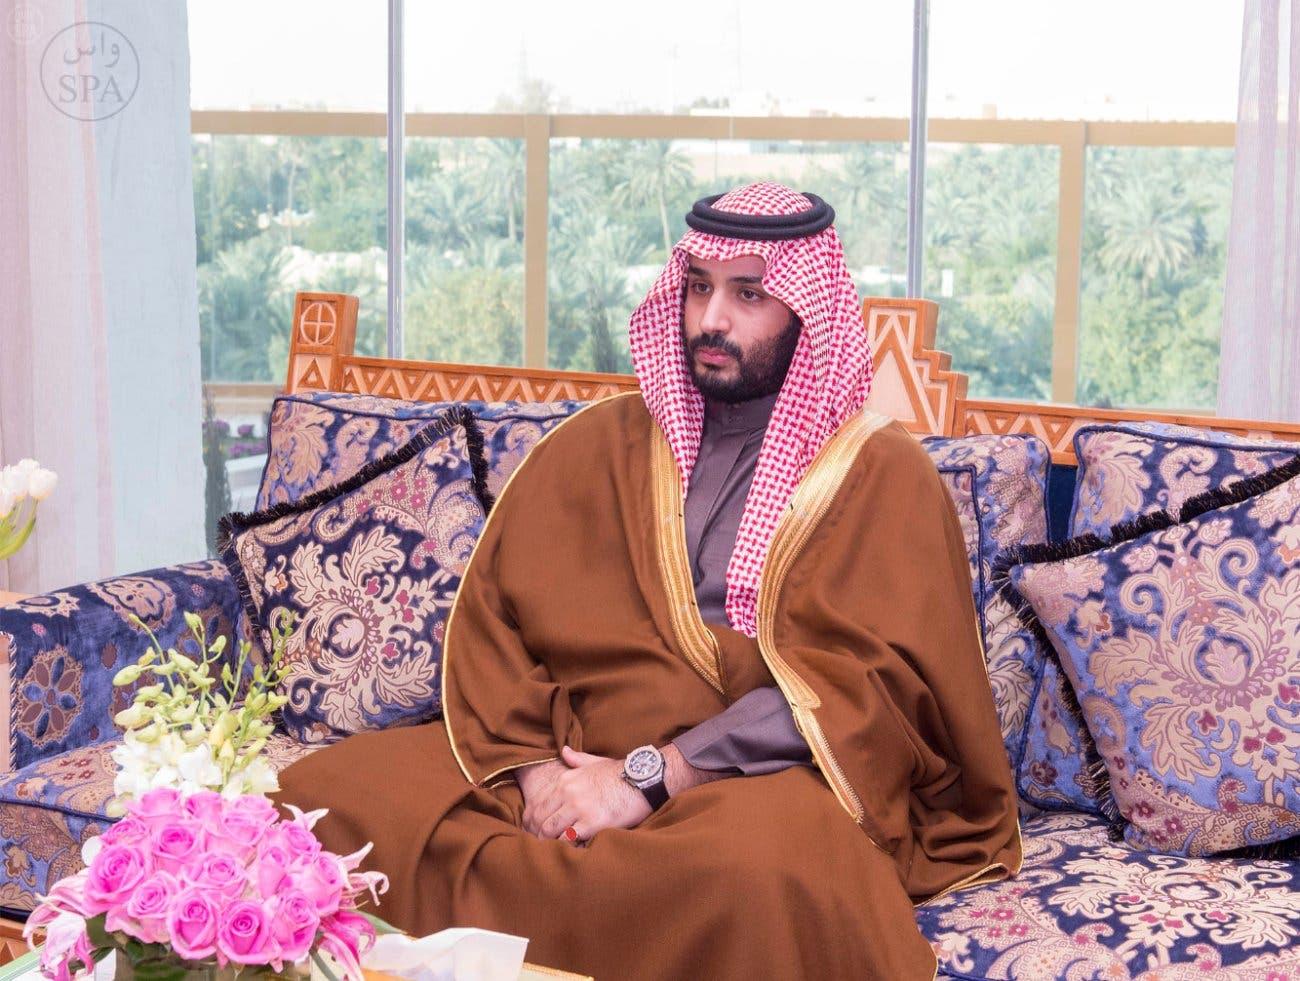 شاهزاده محمد بن سلمان وزیر دفاع و رئیس دیوان پادشاهی سعودی